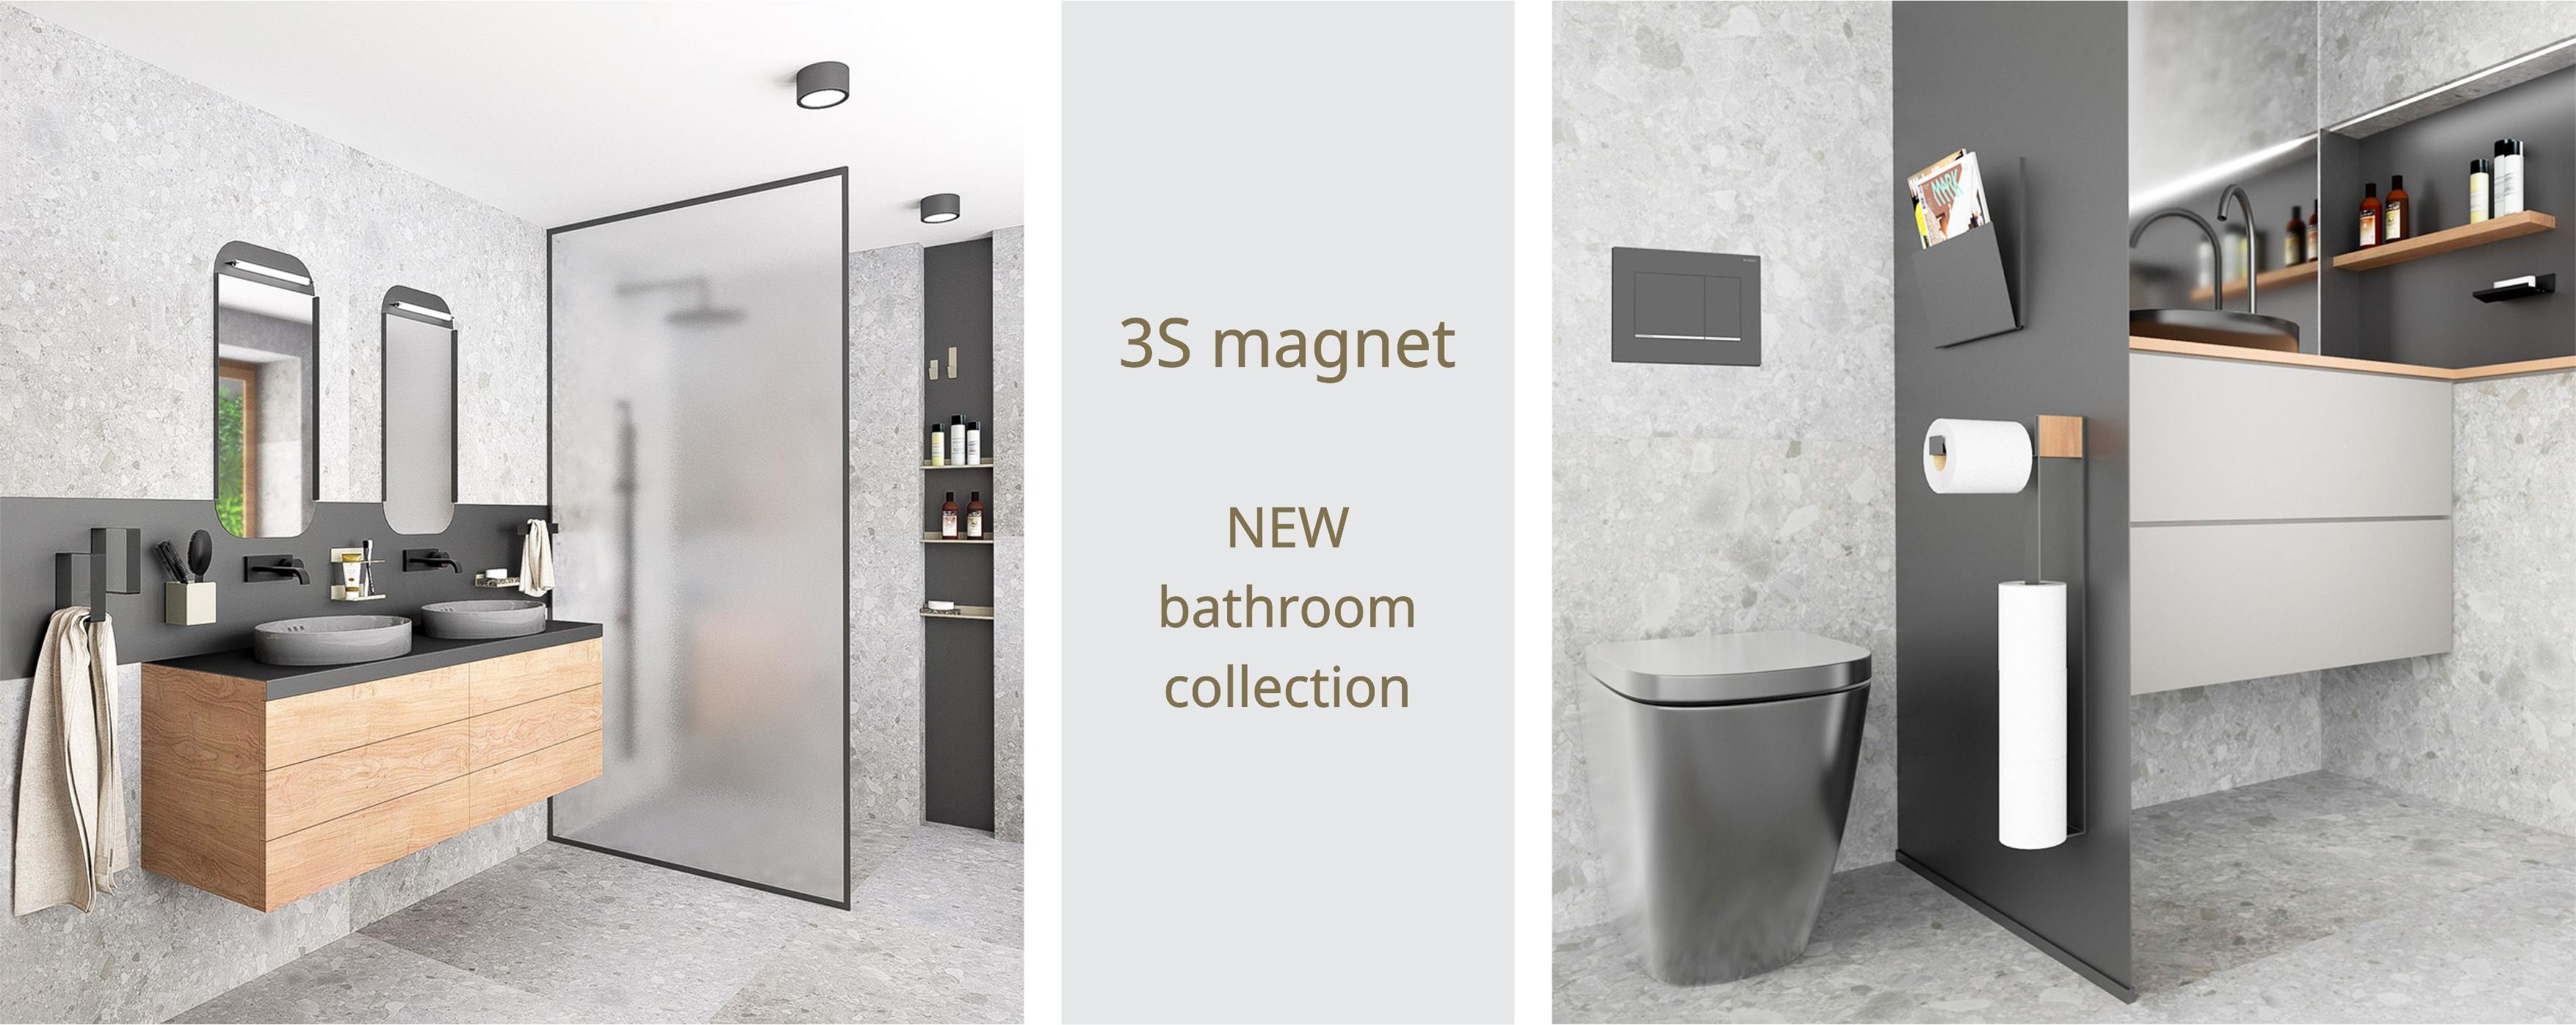 Bathroom Accessories 3s Design